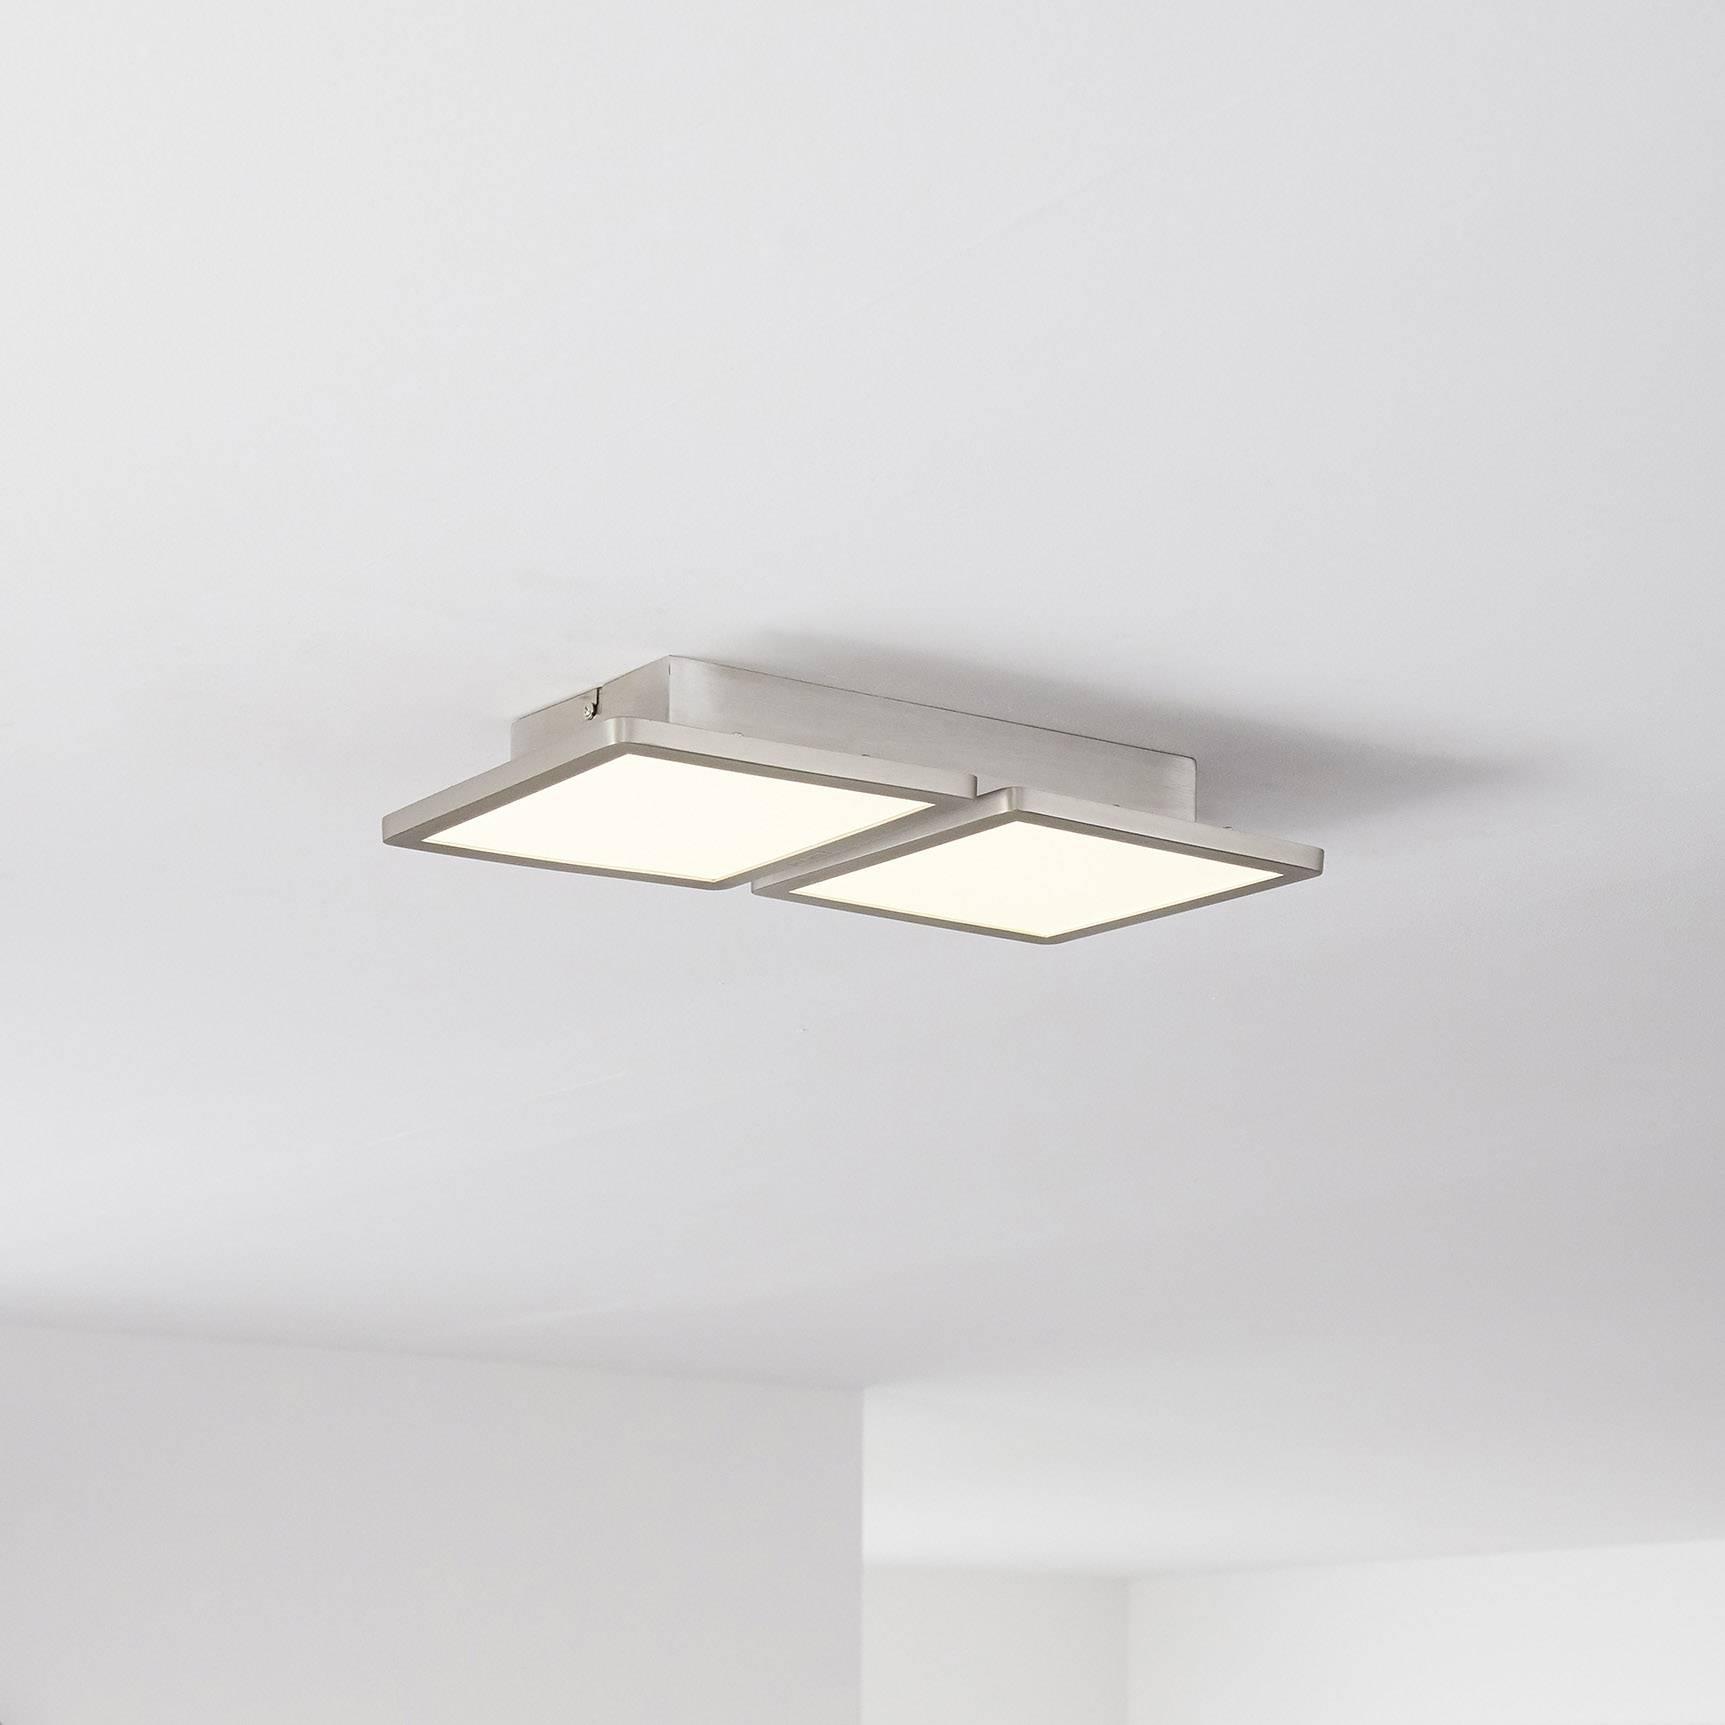 LED stropní a nástěnné svítidlo Brilliant WiZ Scope WiZ, pevně vestavěné LED, teplá bílá, neutrálně bílá, denní světlo